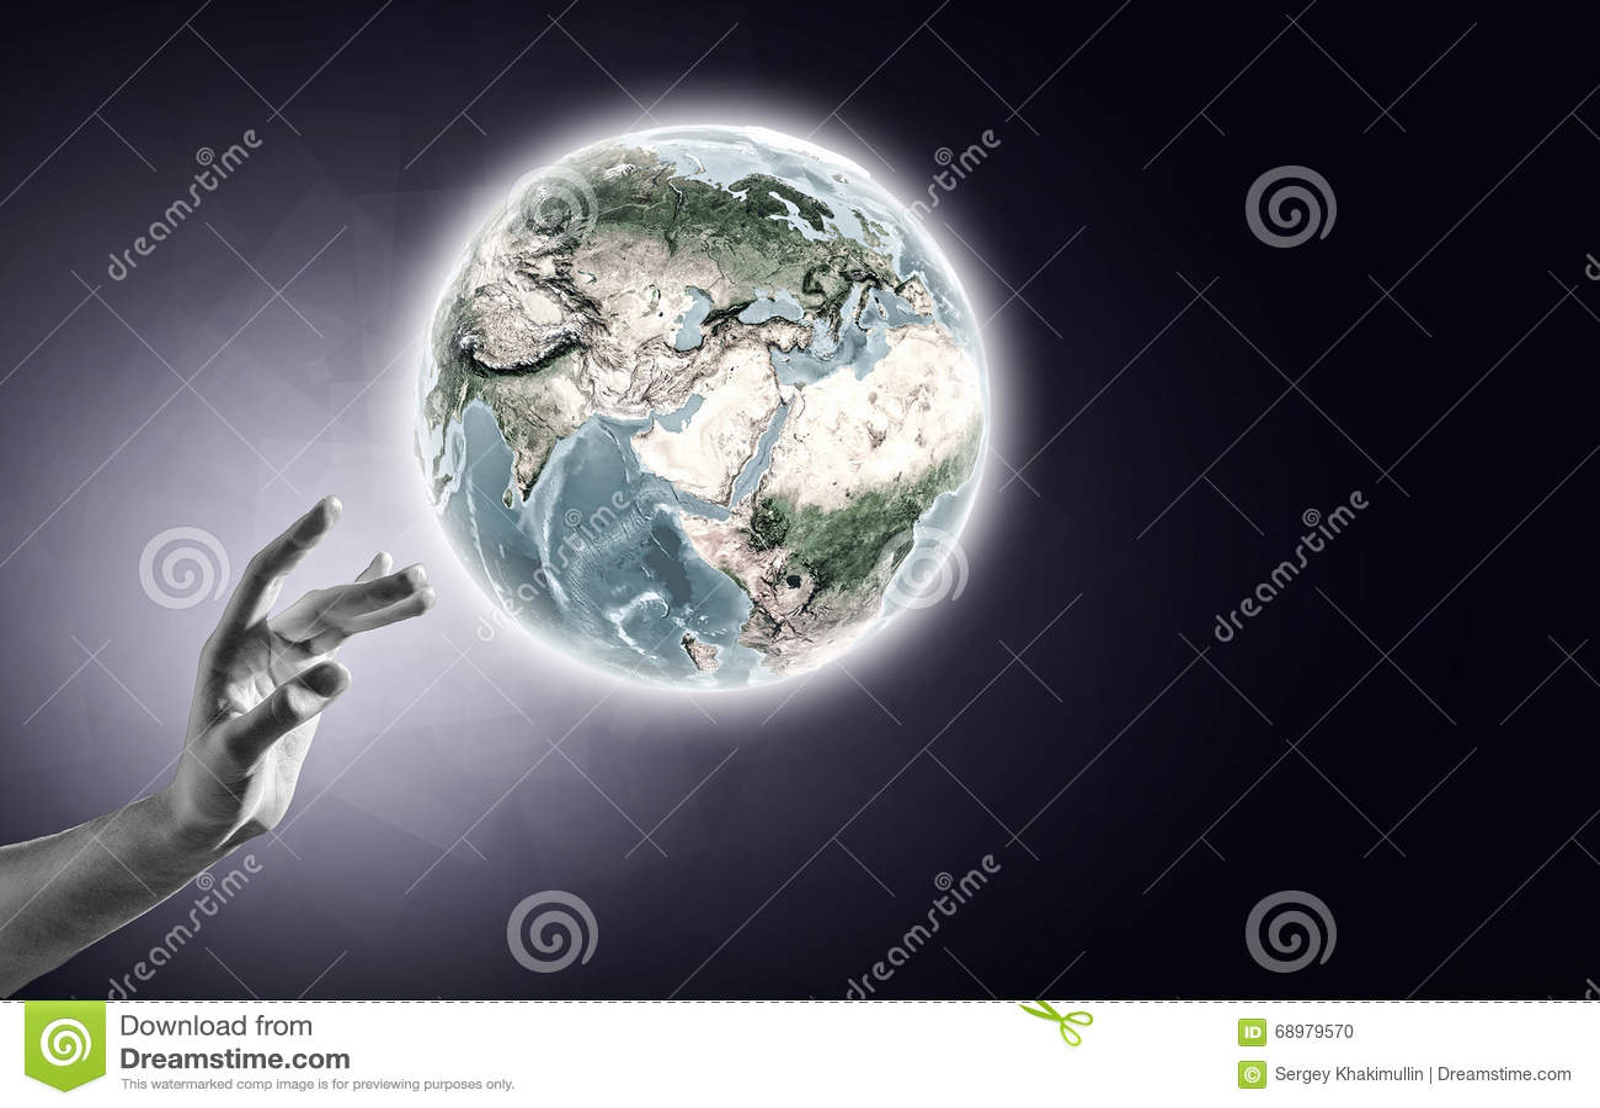 Concepto de la creación del mundo